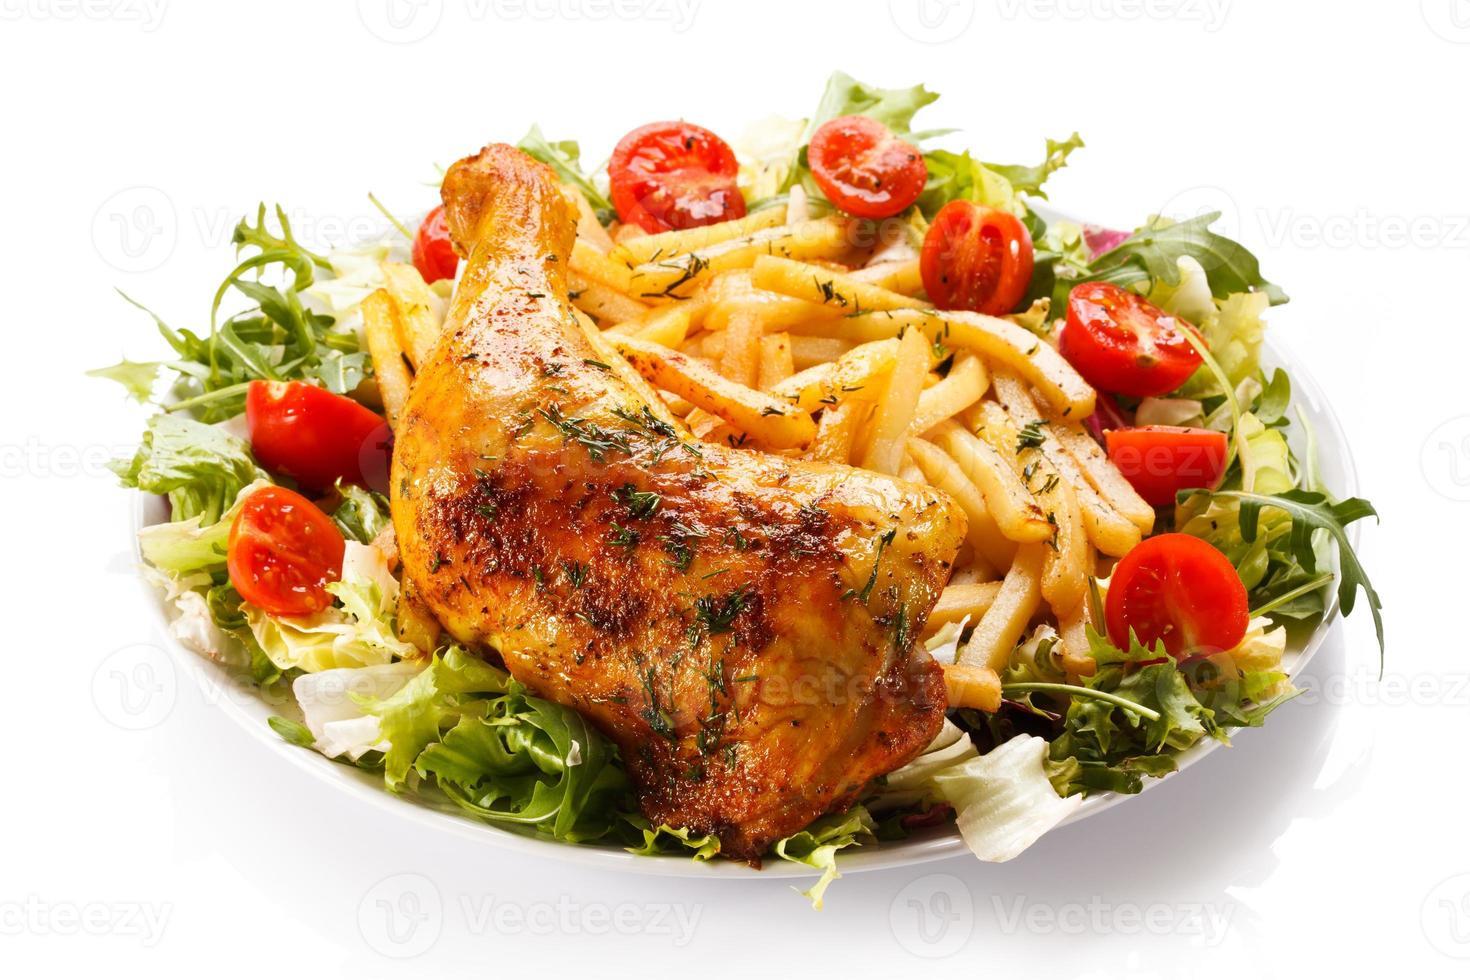 gebratene Hähnchenkeule, Pommes und Gemüse foto